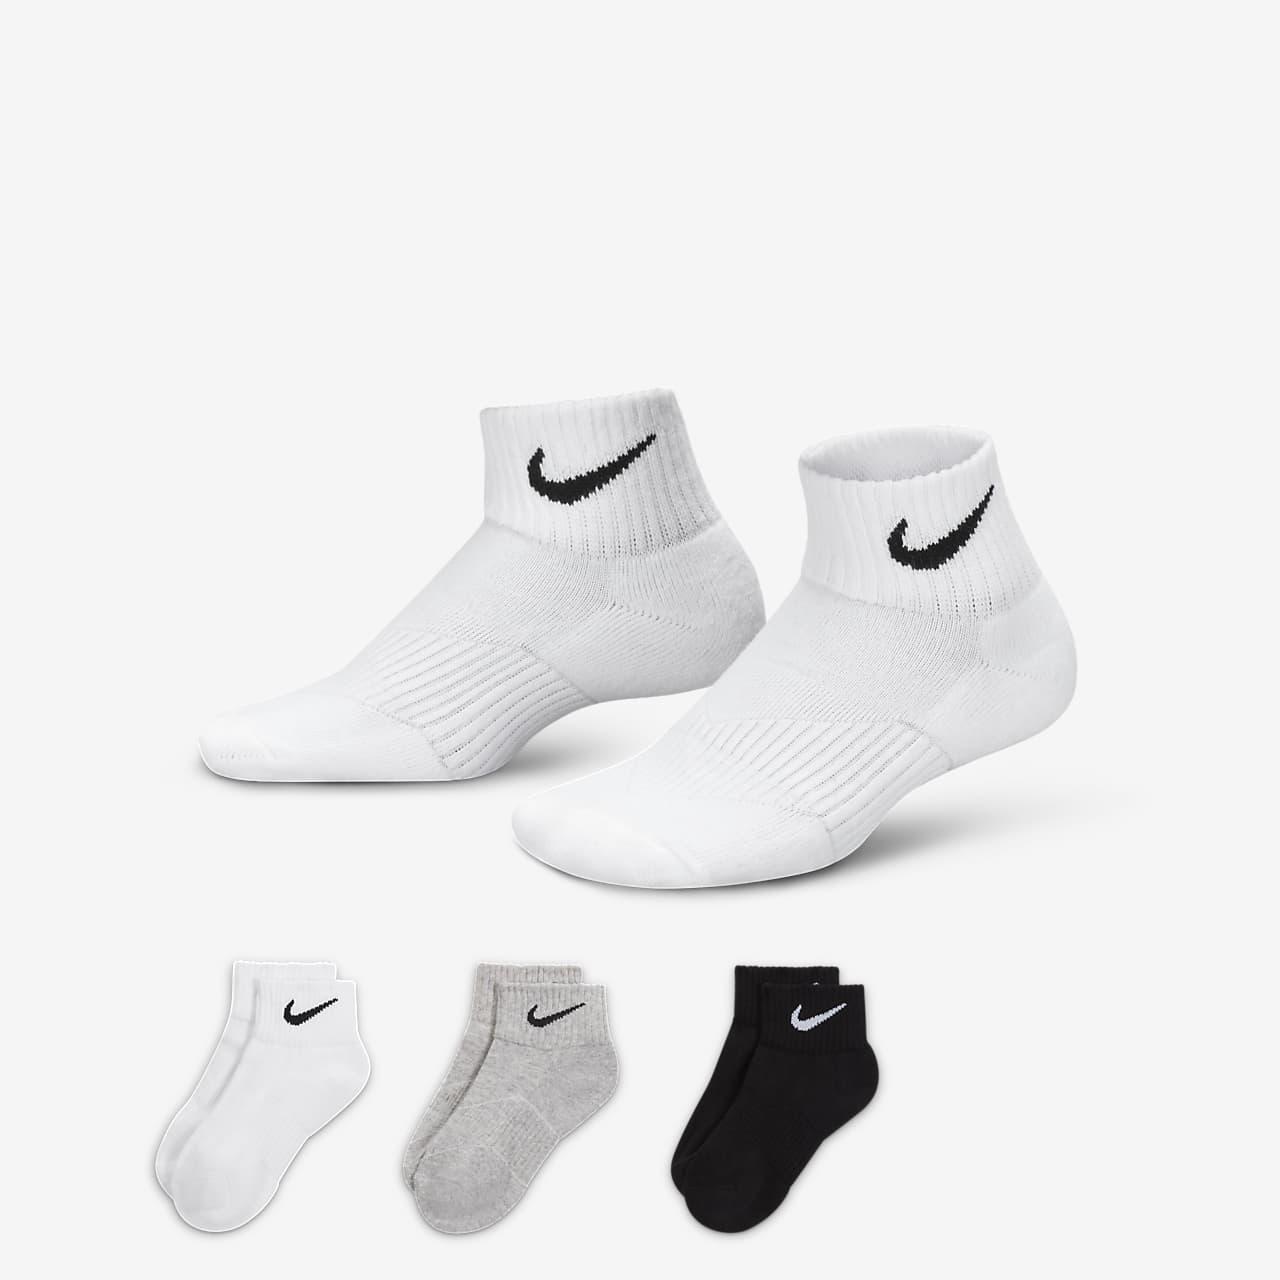 Ponožky Nike Performance Cushion Quarter pro větší děti (3 páry)